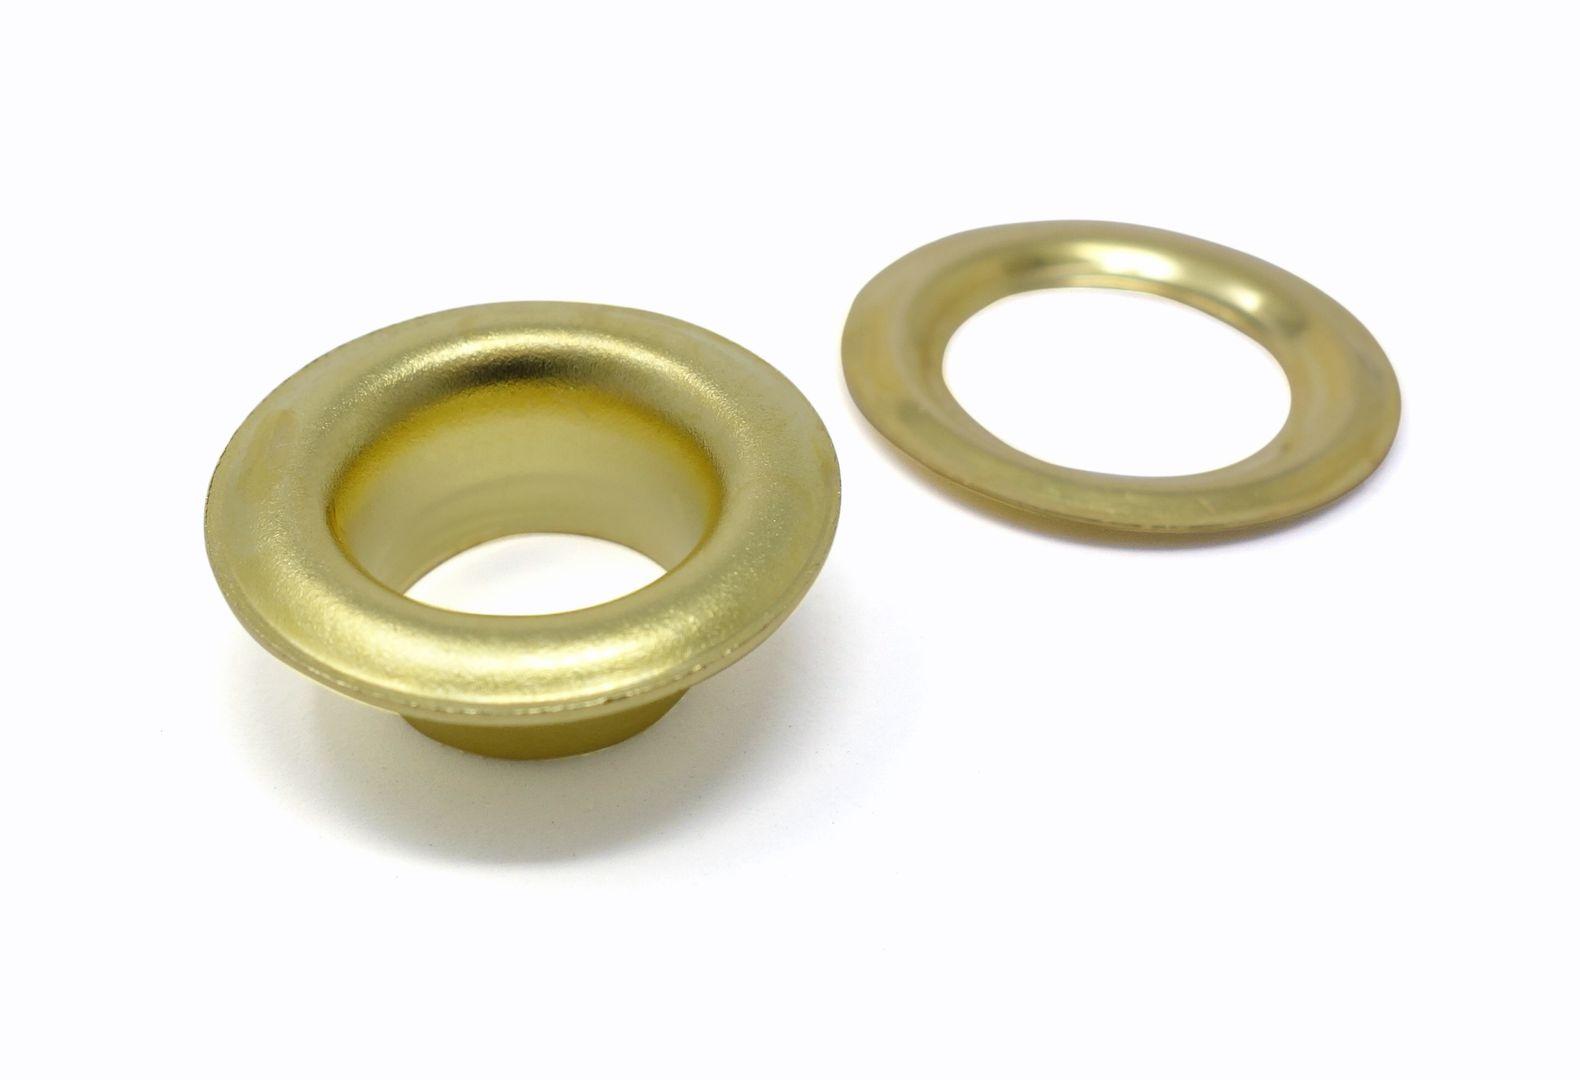 100 x selbstlochende Ösen mit extra langem Schaft (ca. 12,0 mm) und Scheibe (rostfrei) für Ösenpressen und Einschlagwerkzeuge – Bild 1